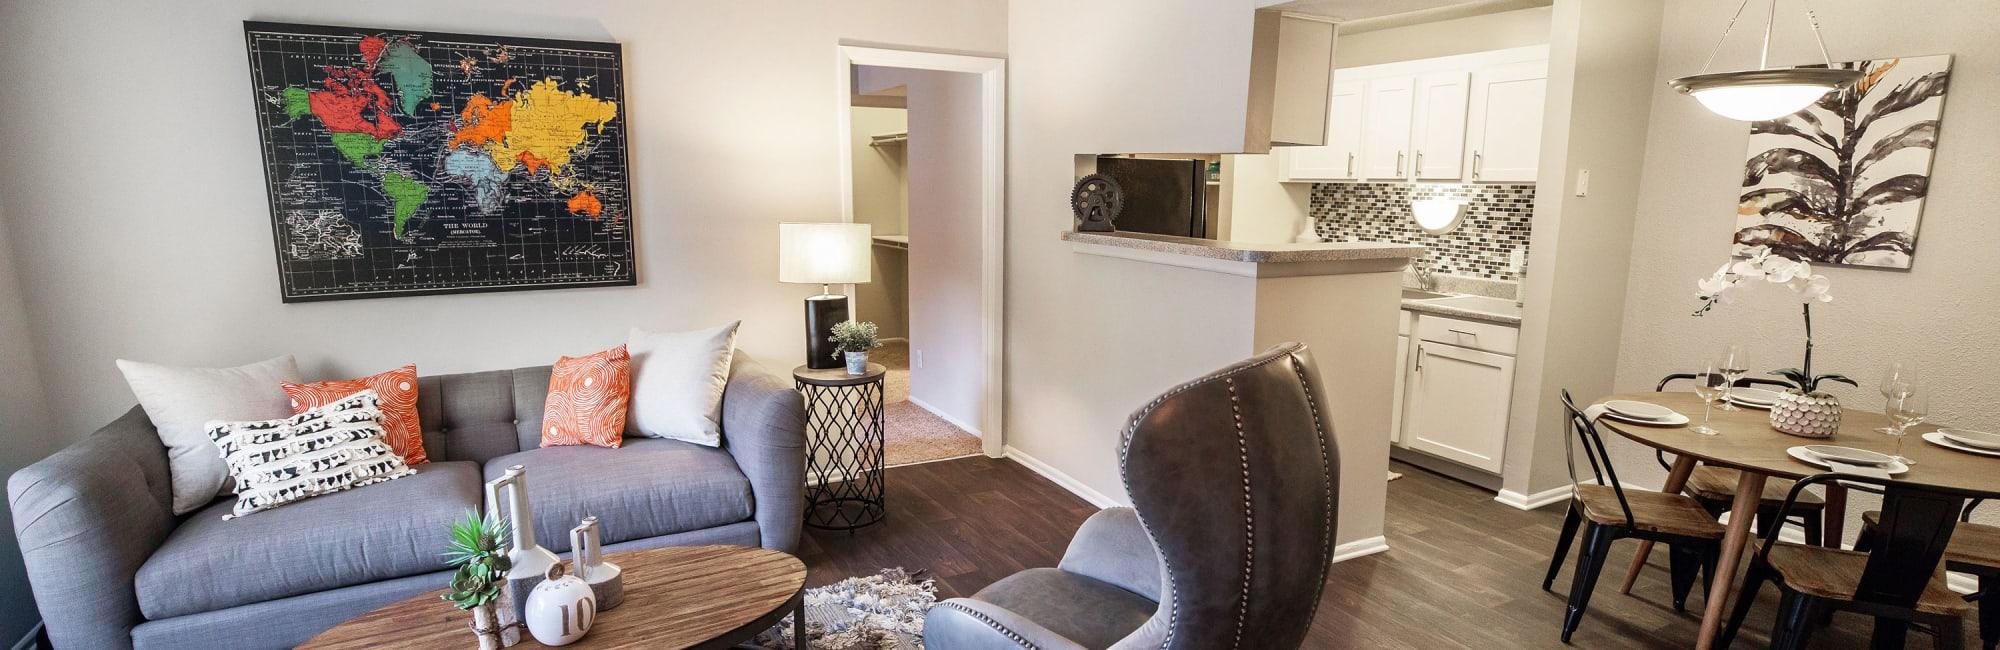 Apartments at The Corners at Crystal Lake in Winston Salem, North Carolina